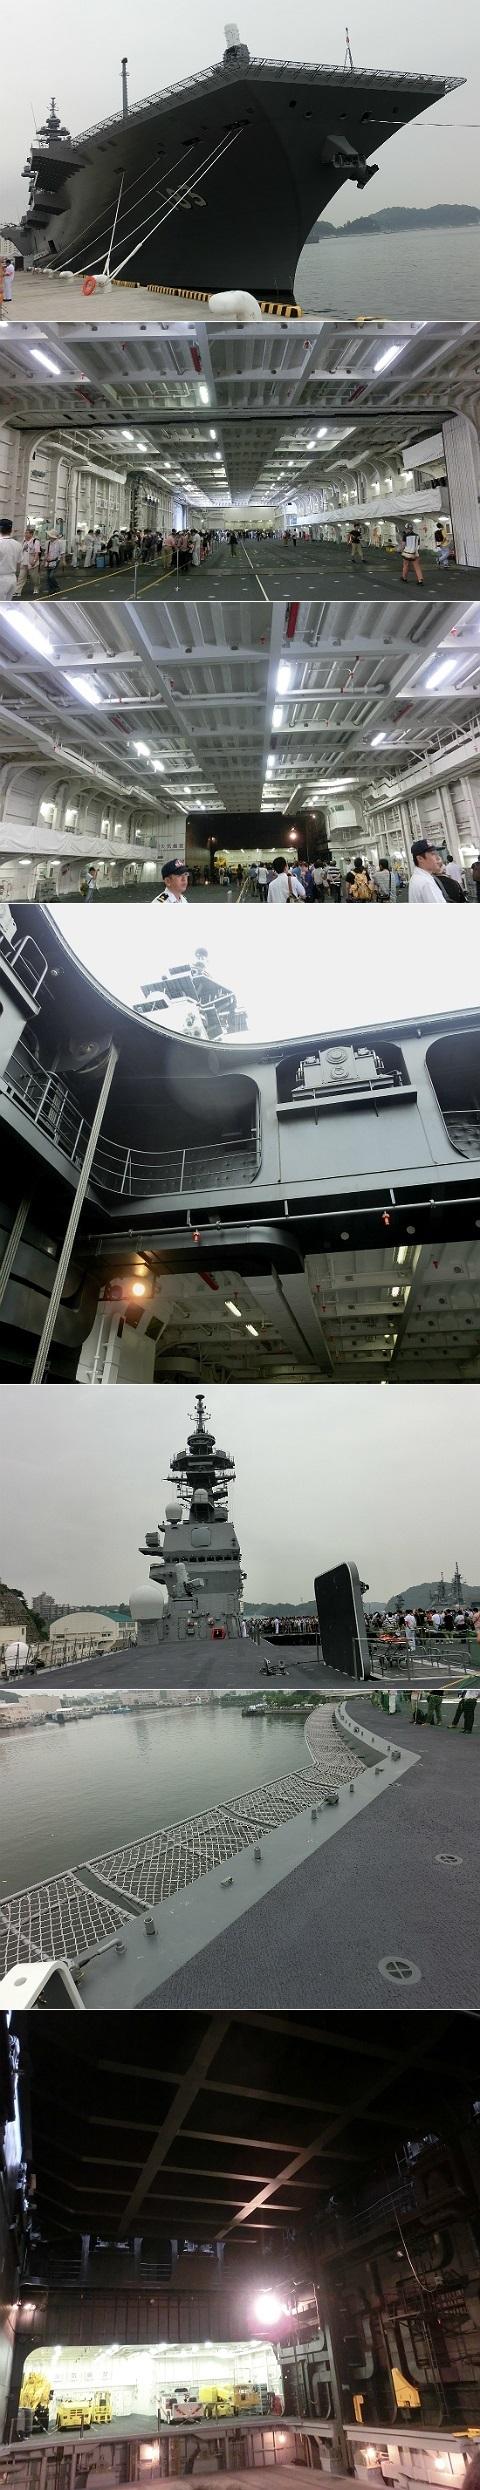 海上自衛隊横須賀地方総監部 艦艇一般公開 護衛艦「いずも」